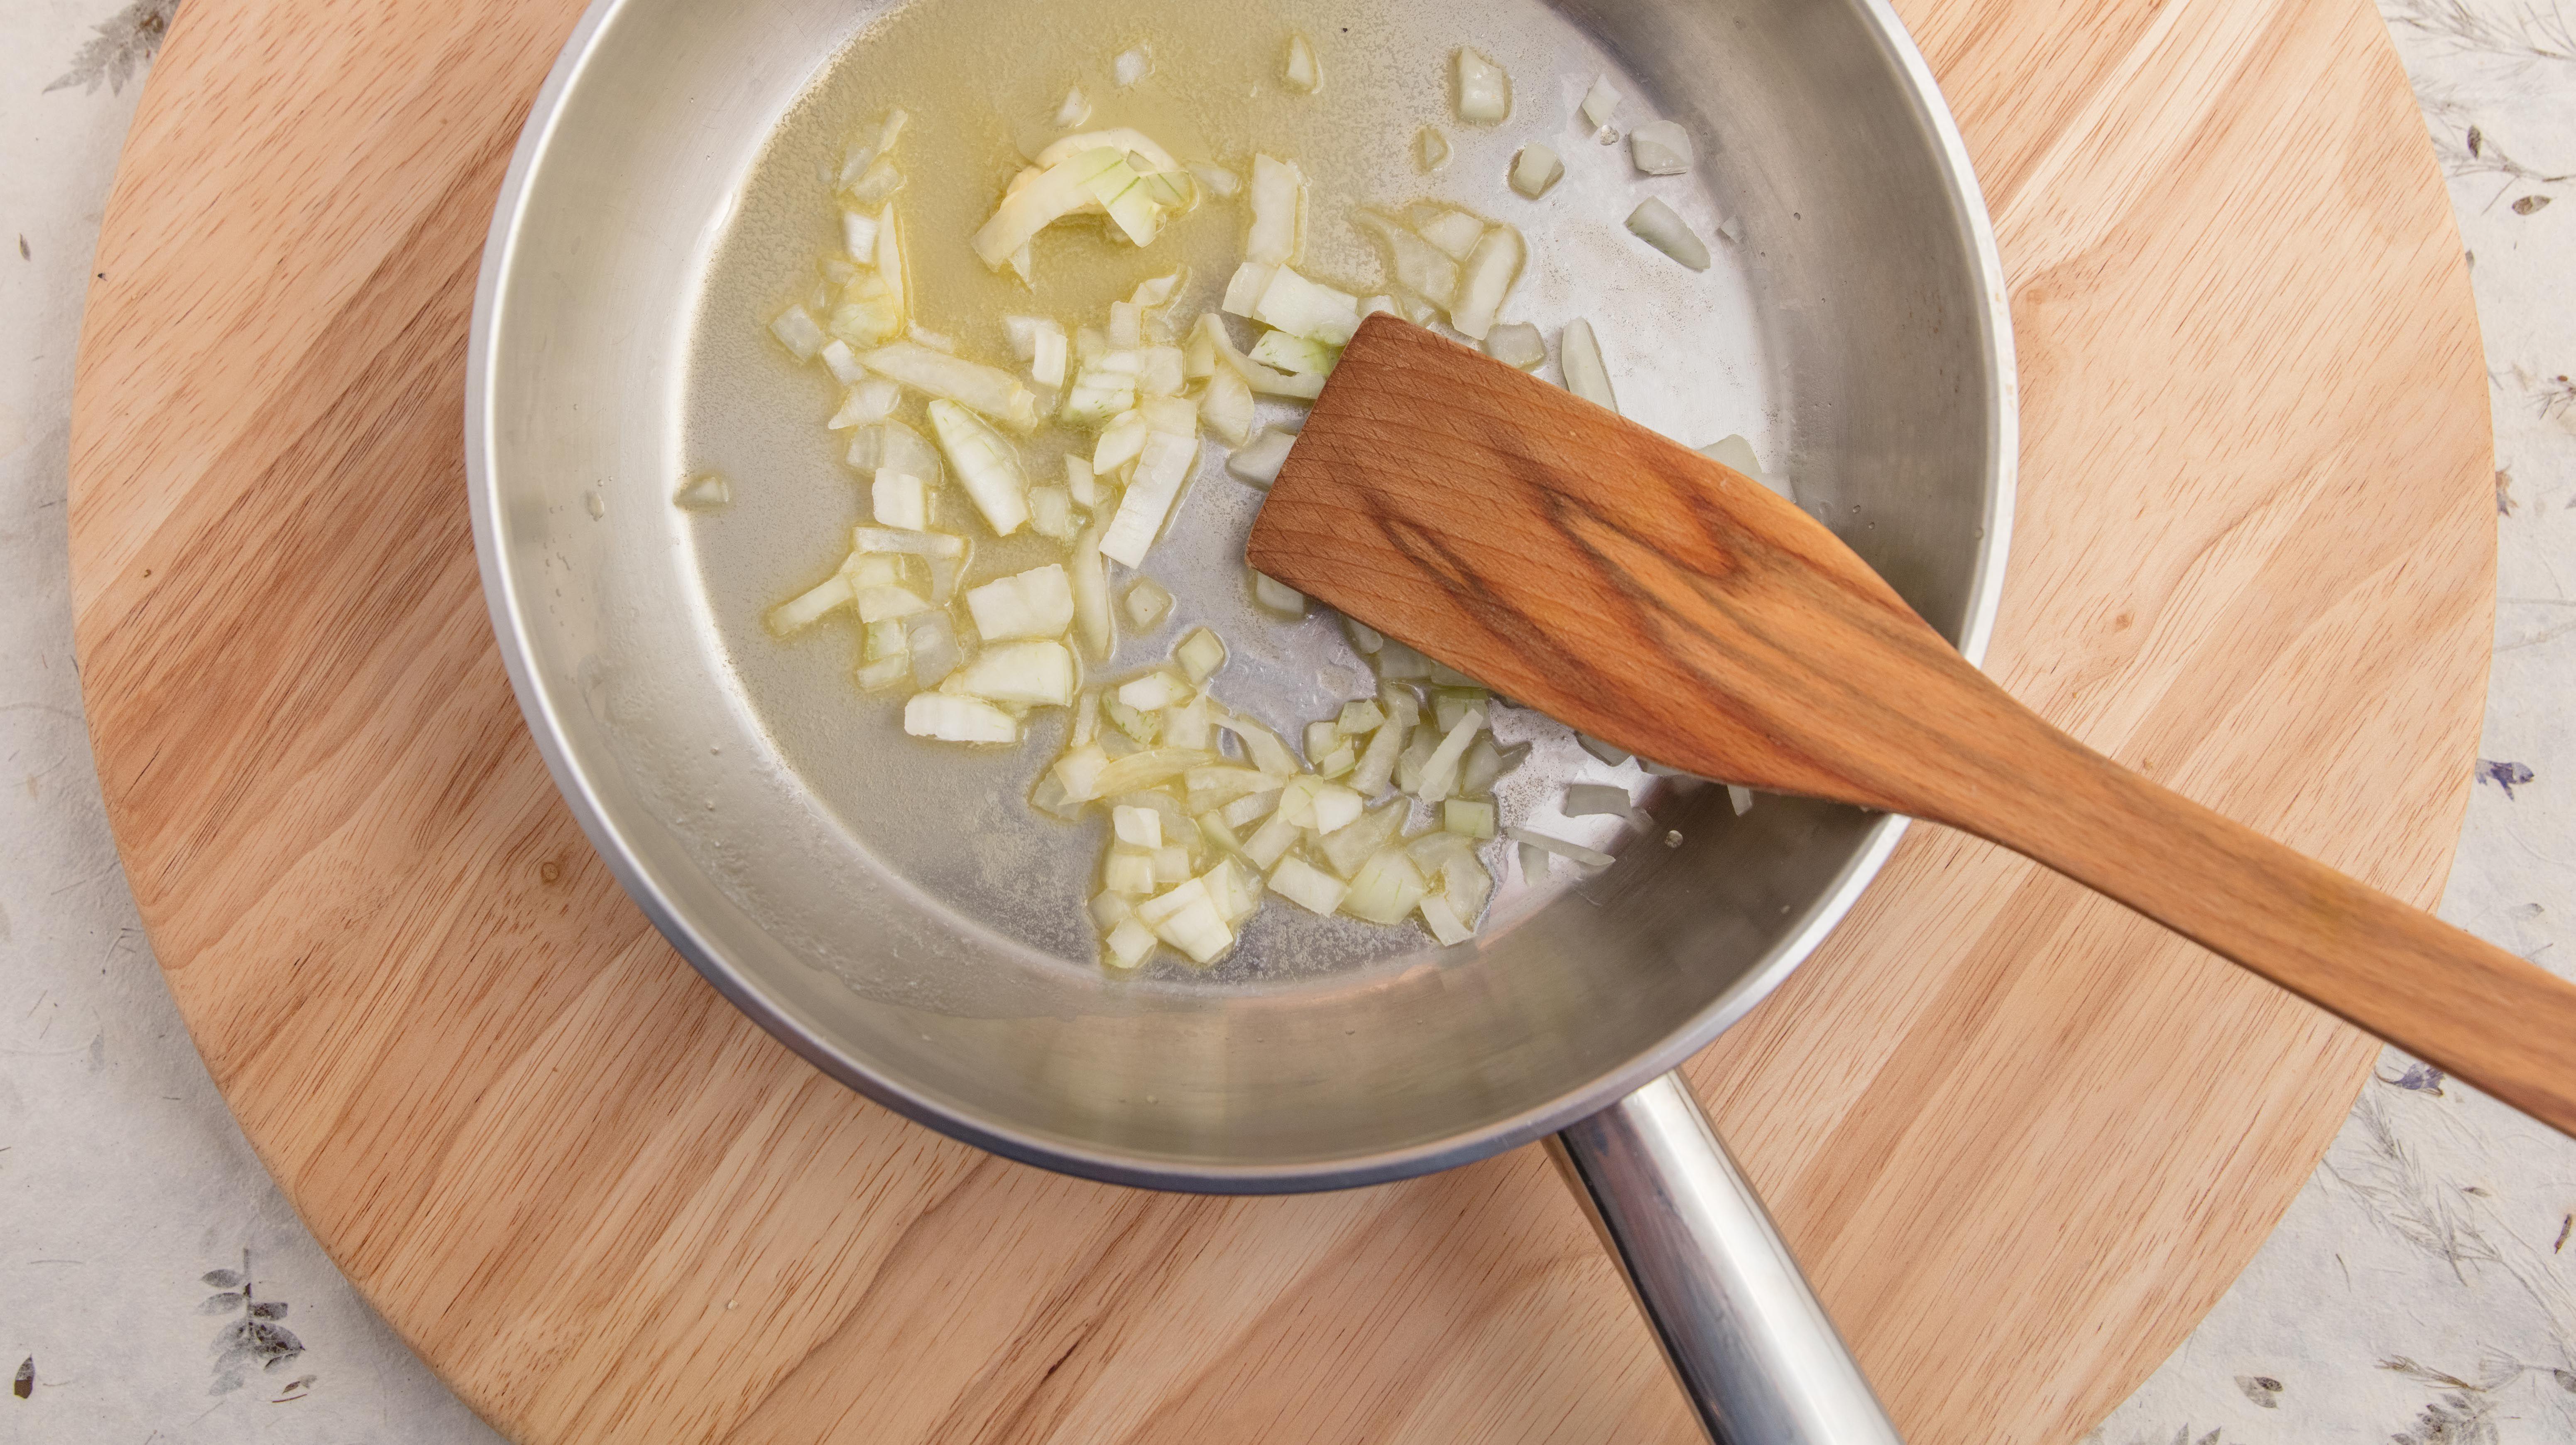 Onion sautéing in butter